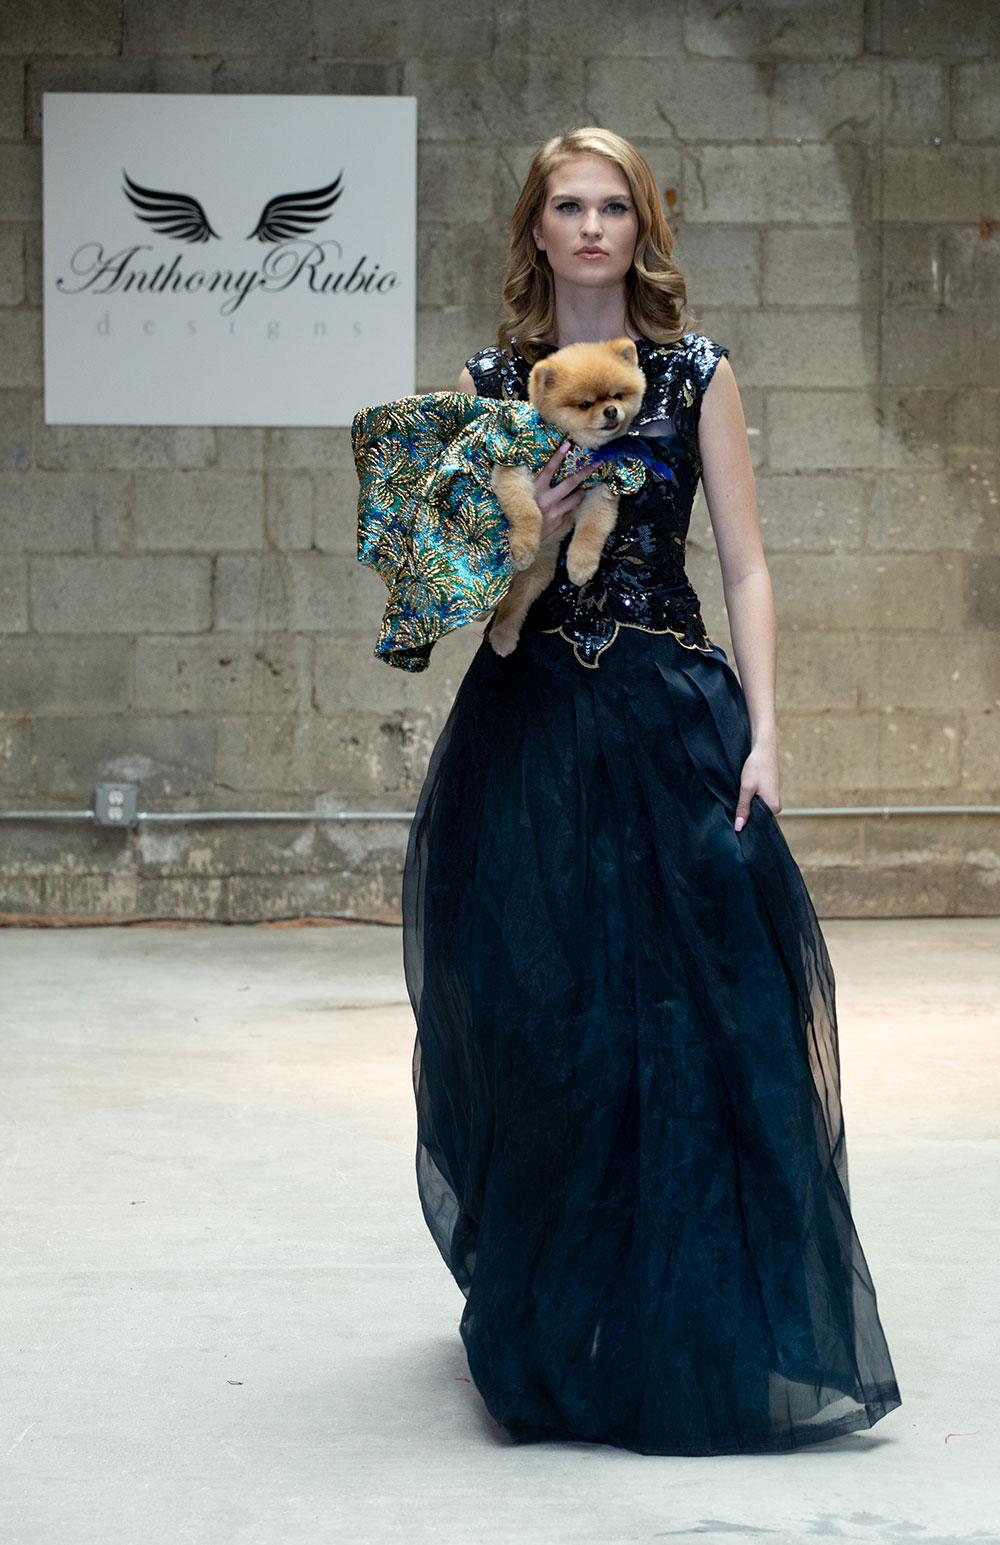 Anthony Rubio ra mắt thời trang cún cưng tại Tuần lễ thời trang New York 6